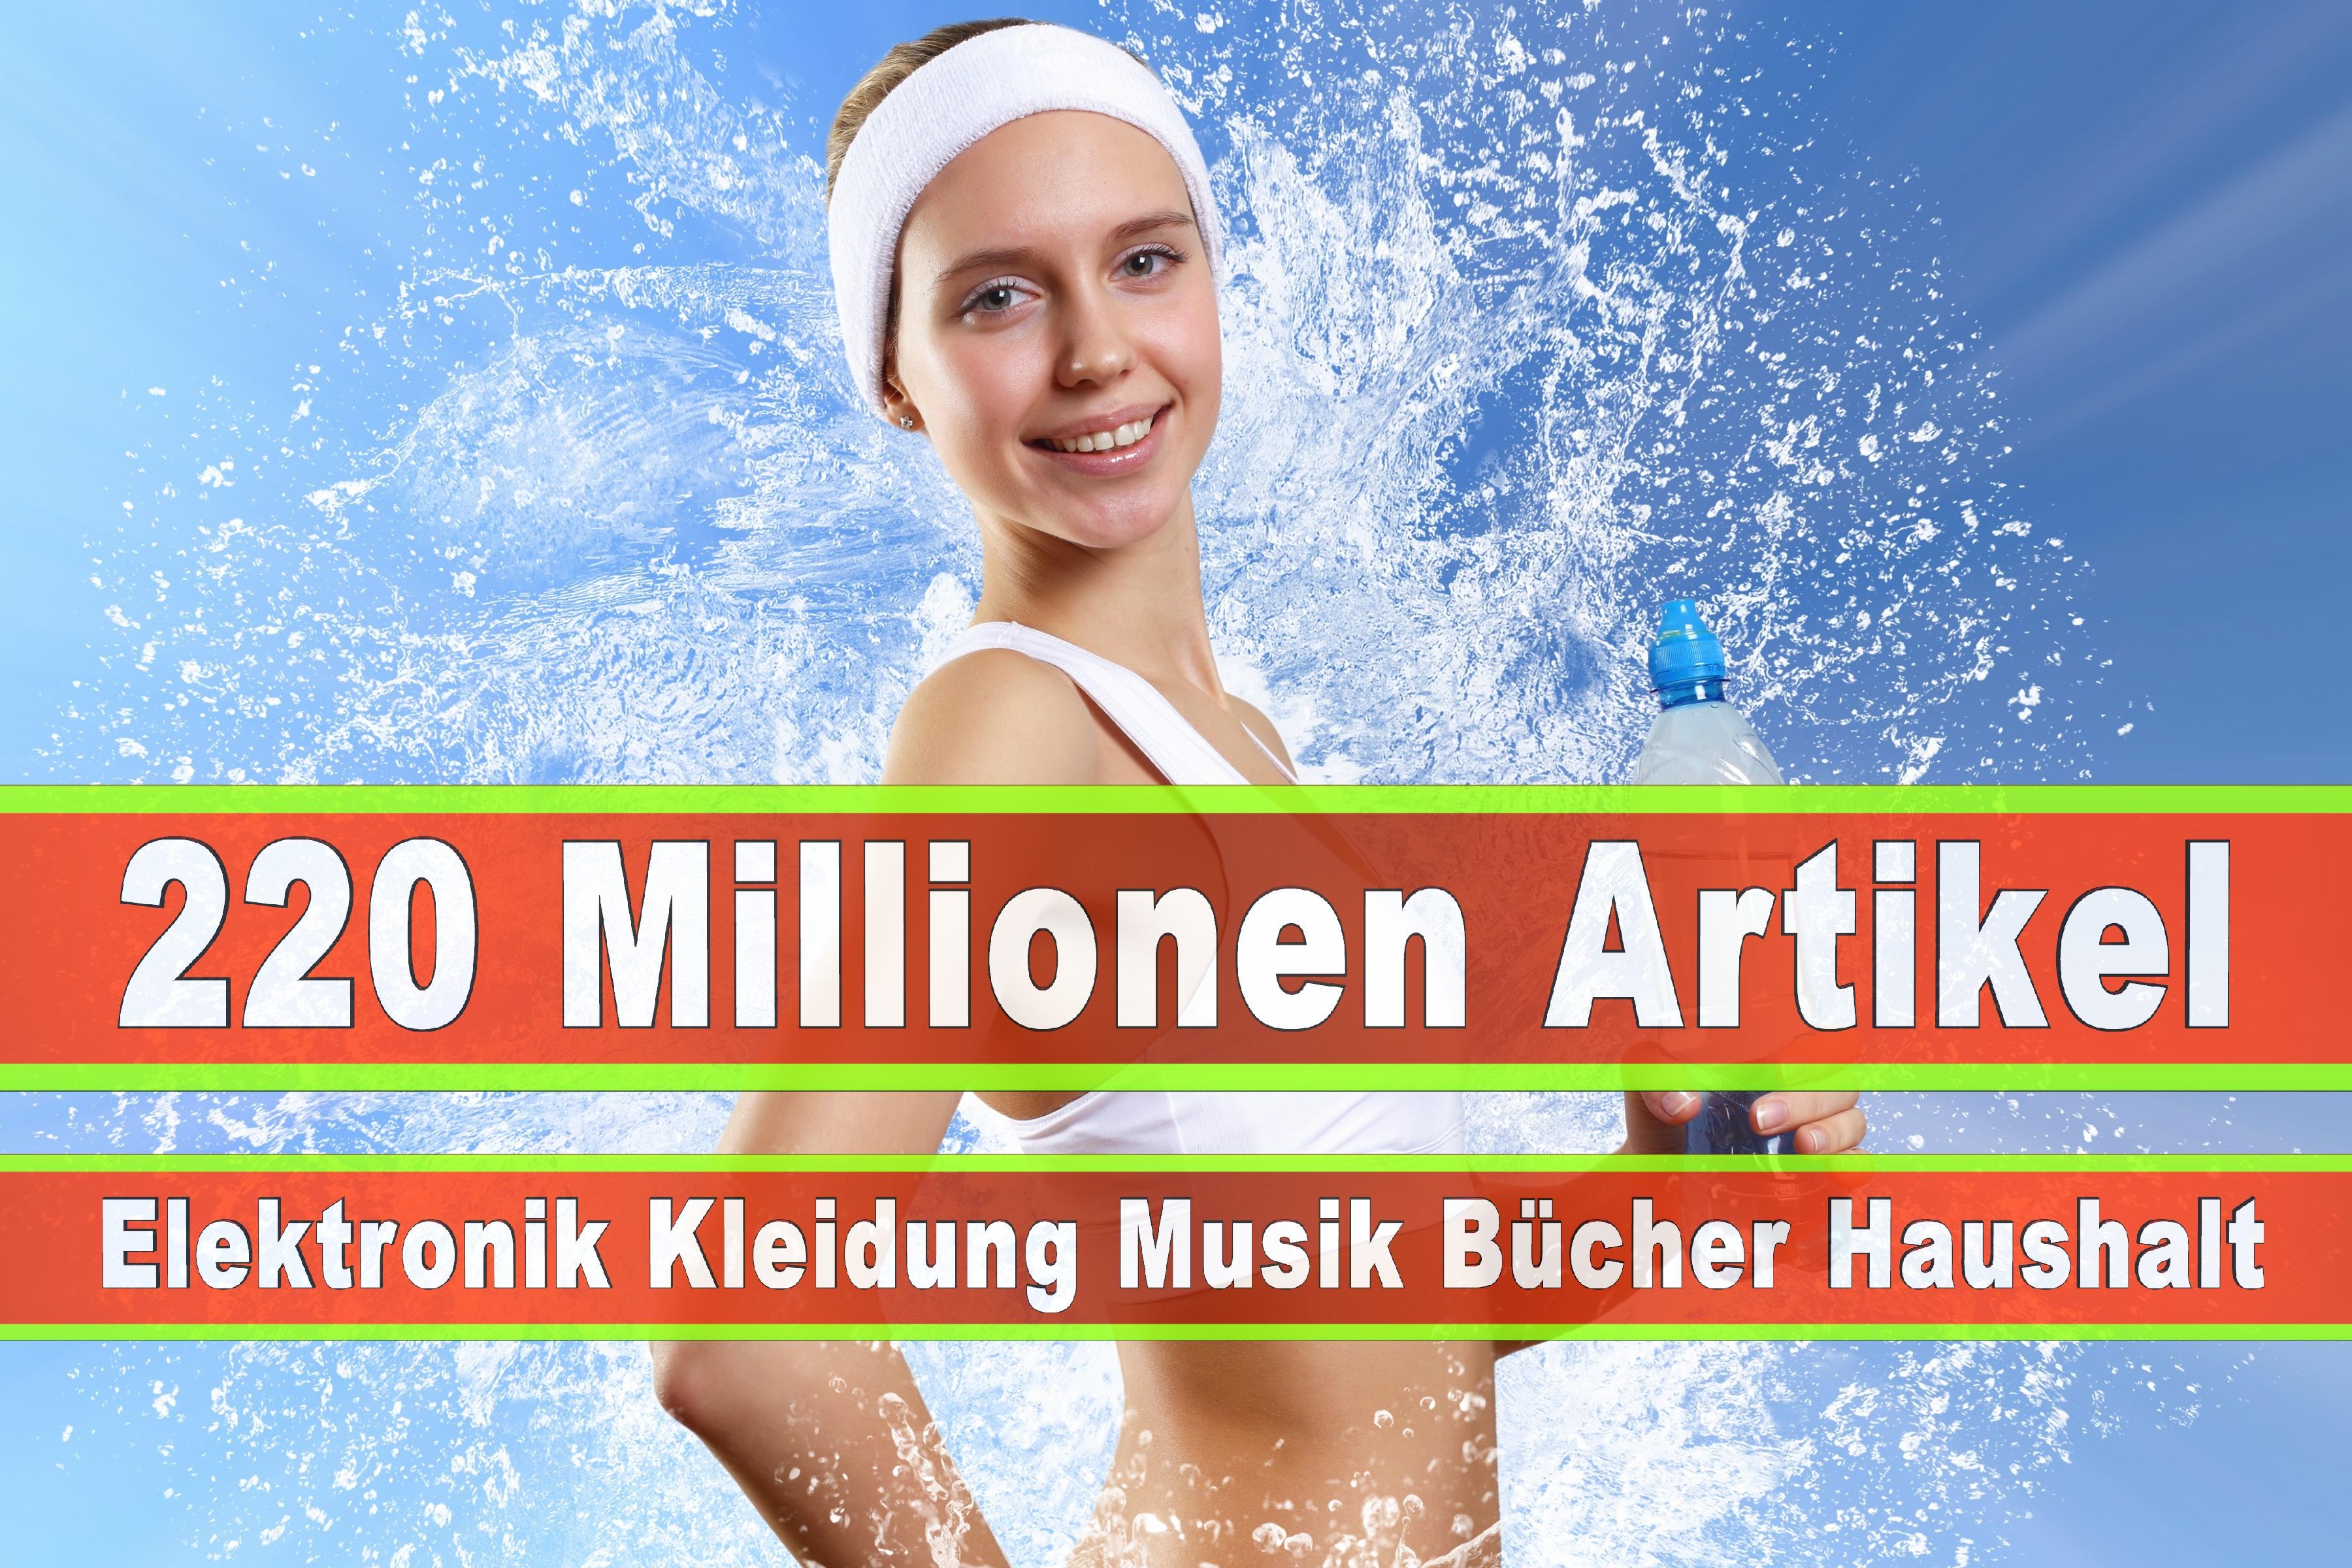 Amazon Elektronik Musik Haushalt Bücher CD DVD Handys Smartphones TV Television Fernseher Kleidung Mode Ebay Versandhaus (232)